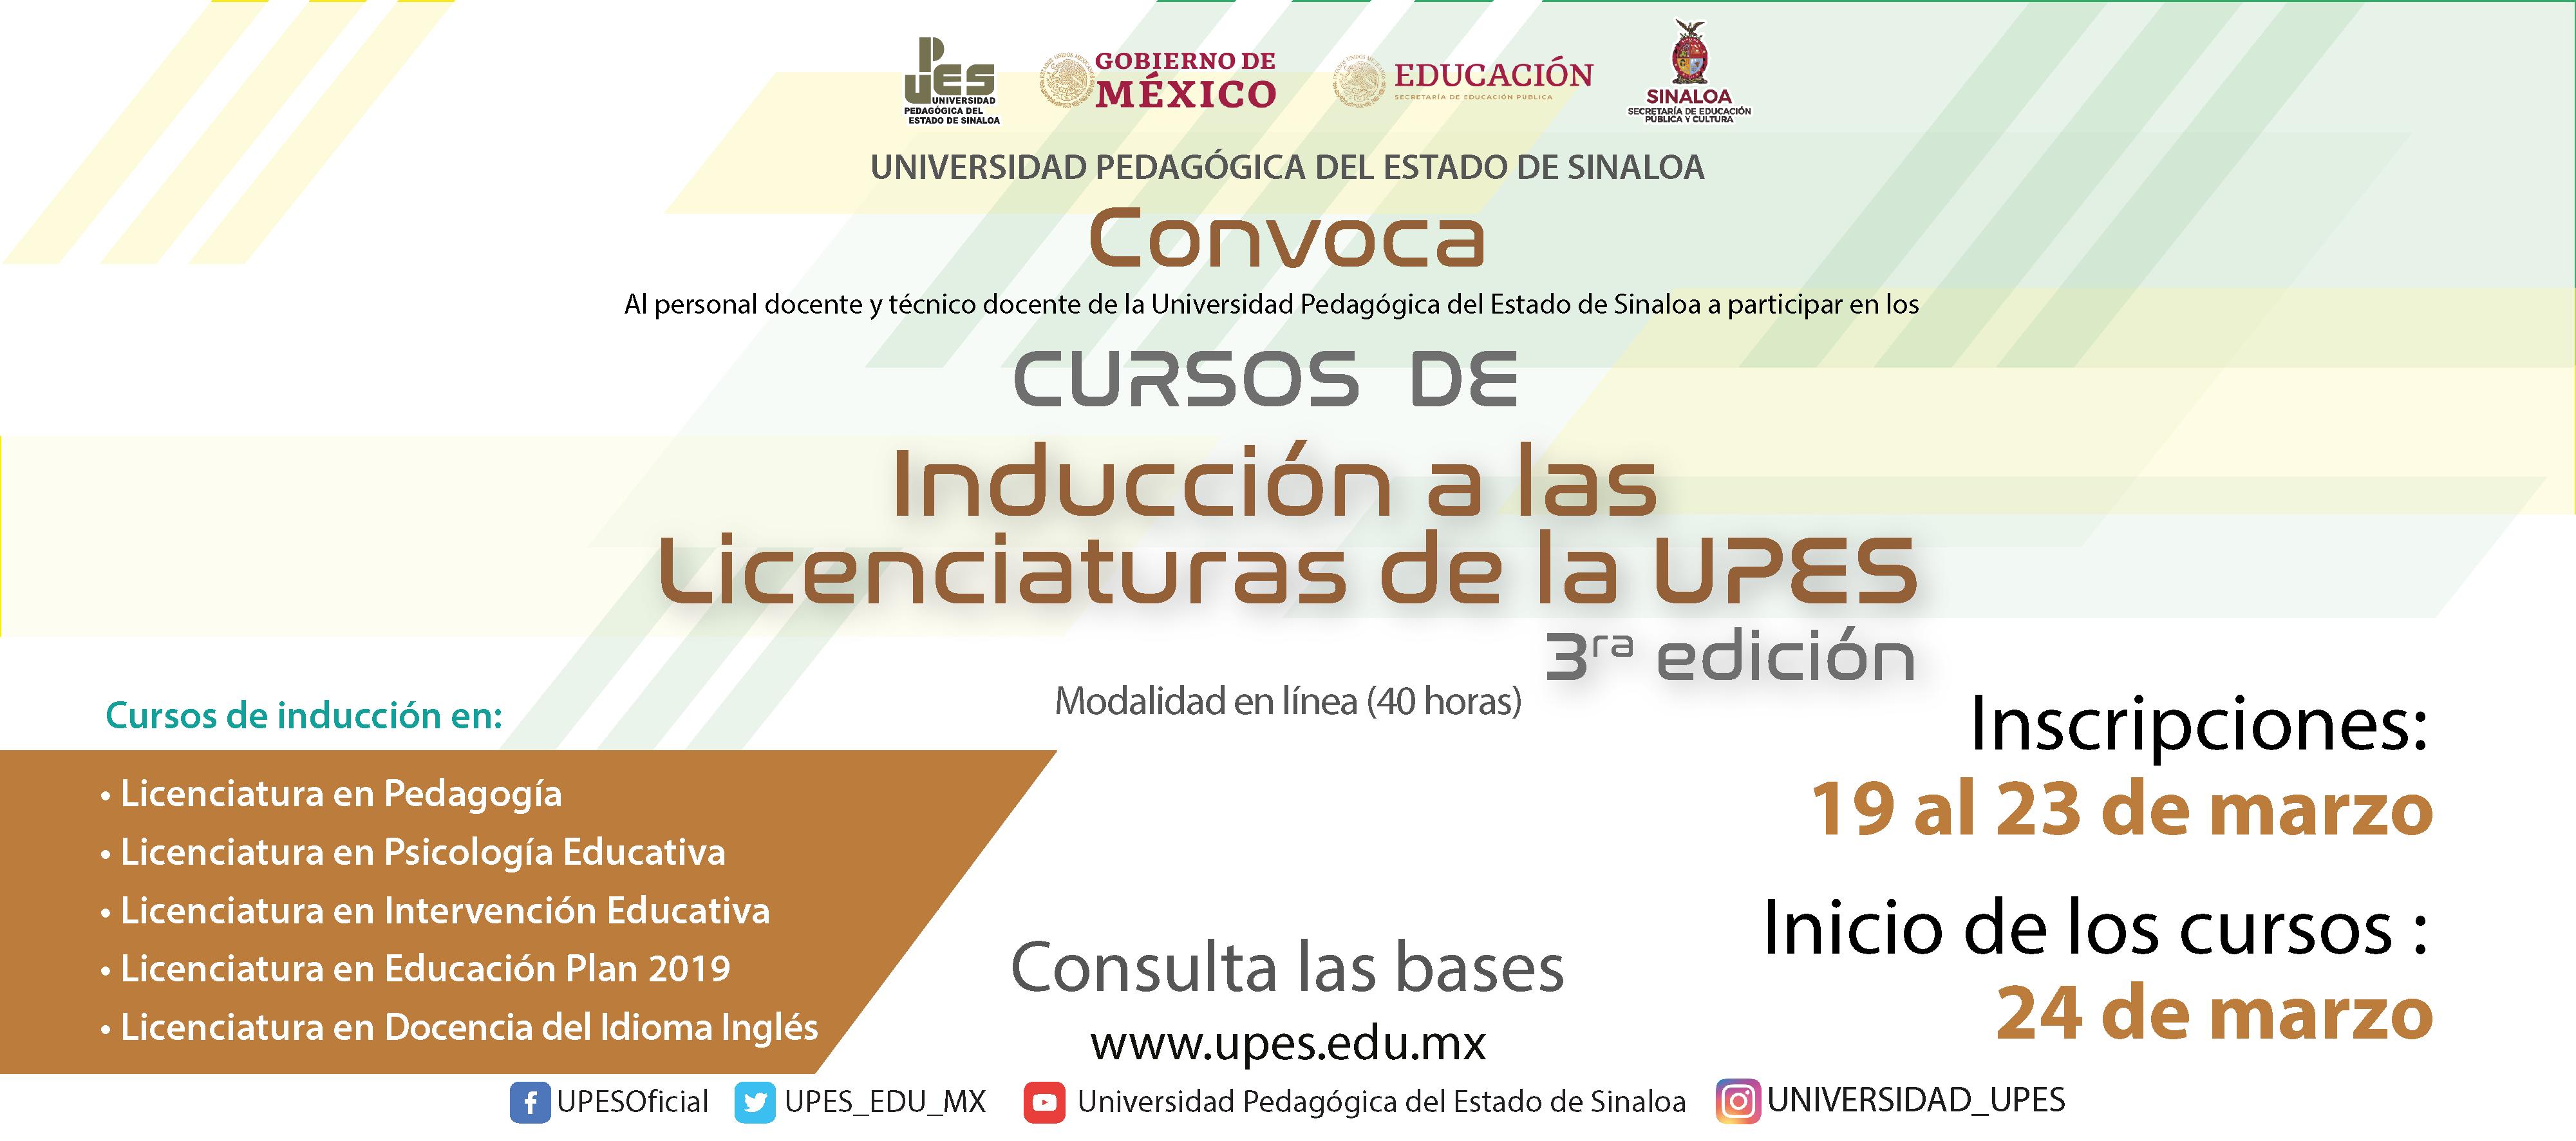 Convocatoria-Cursos-de-Induccion-a-las-Licenciaturas-en-linea-2020-slider